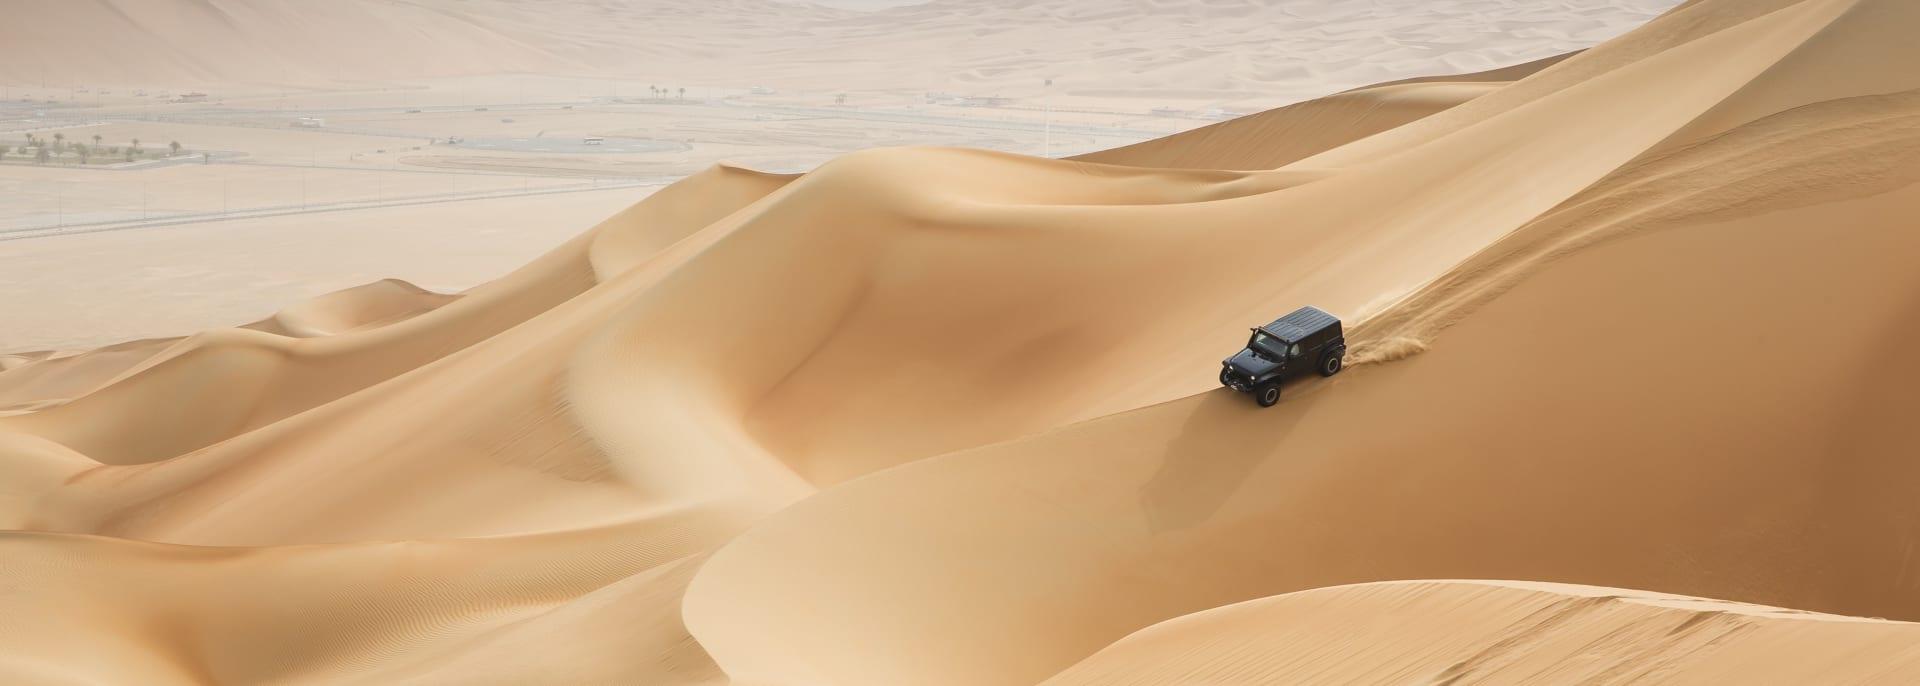 Wüsten-Safari, Dubai